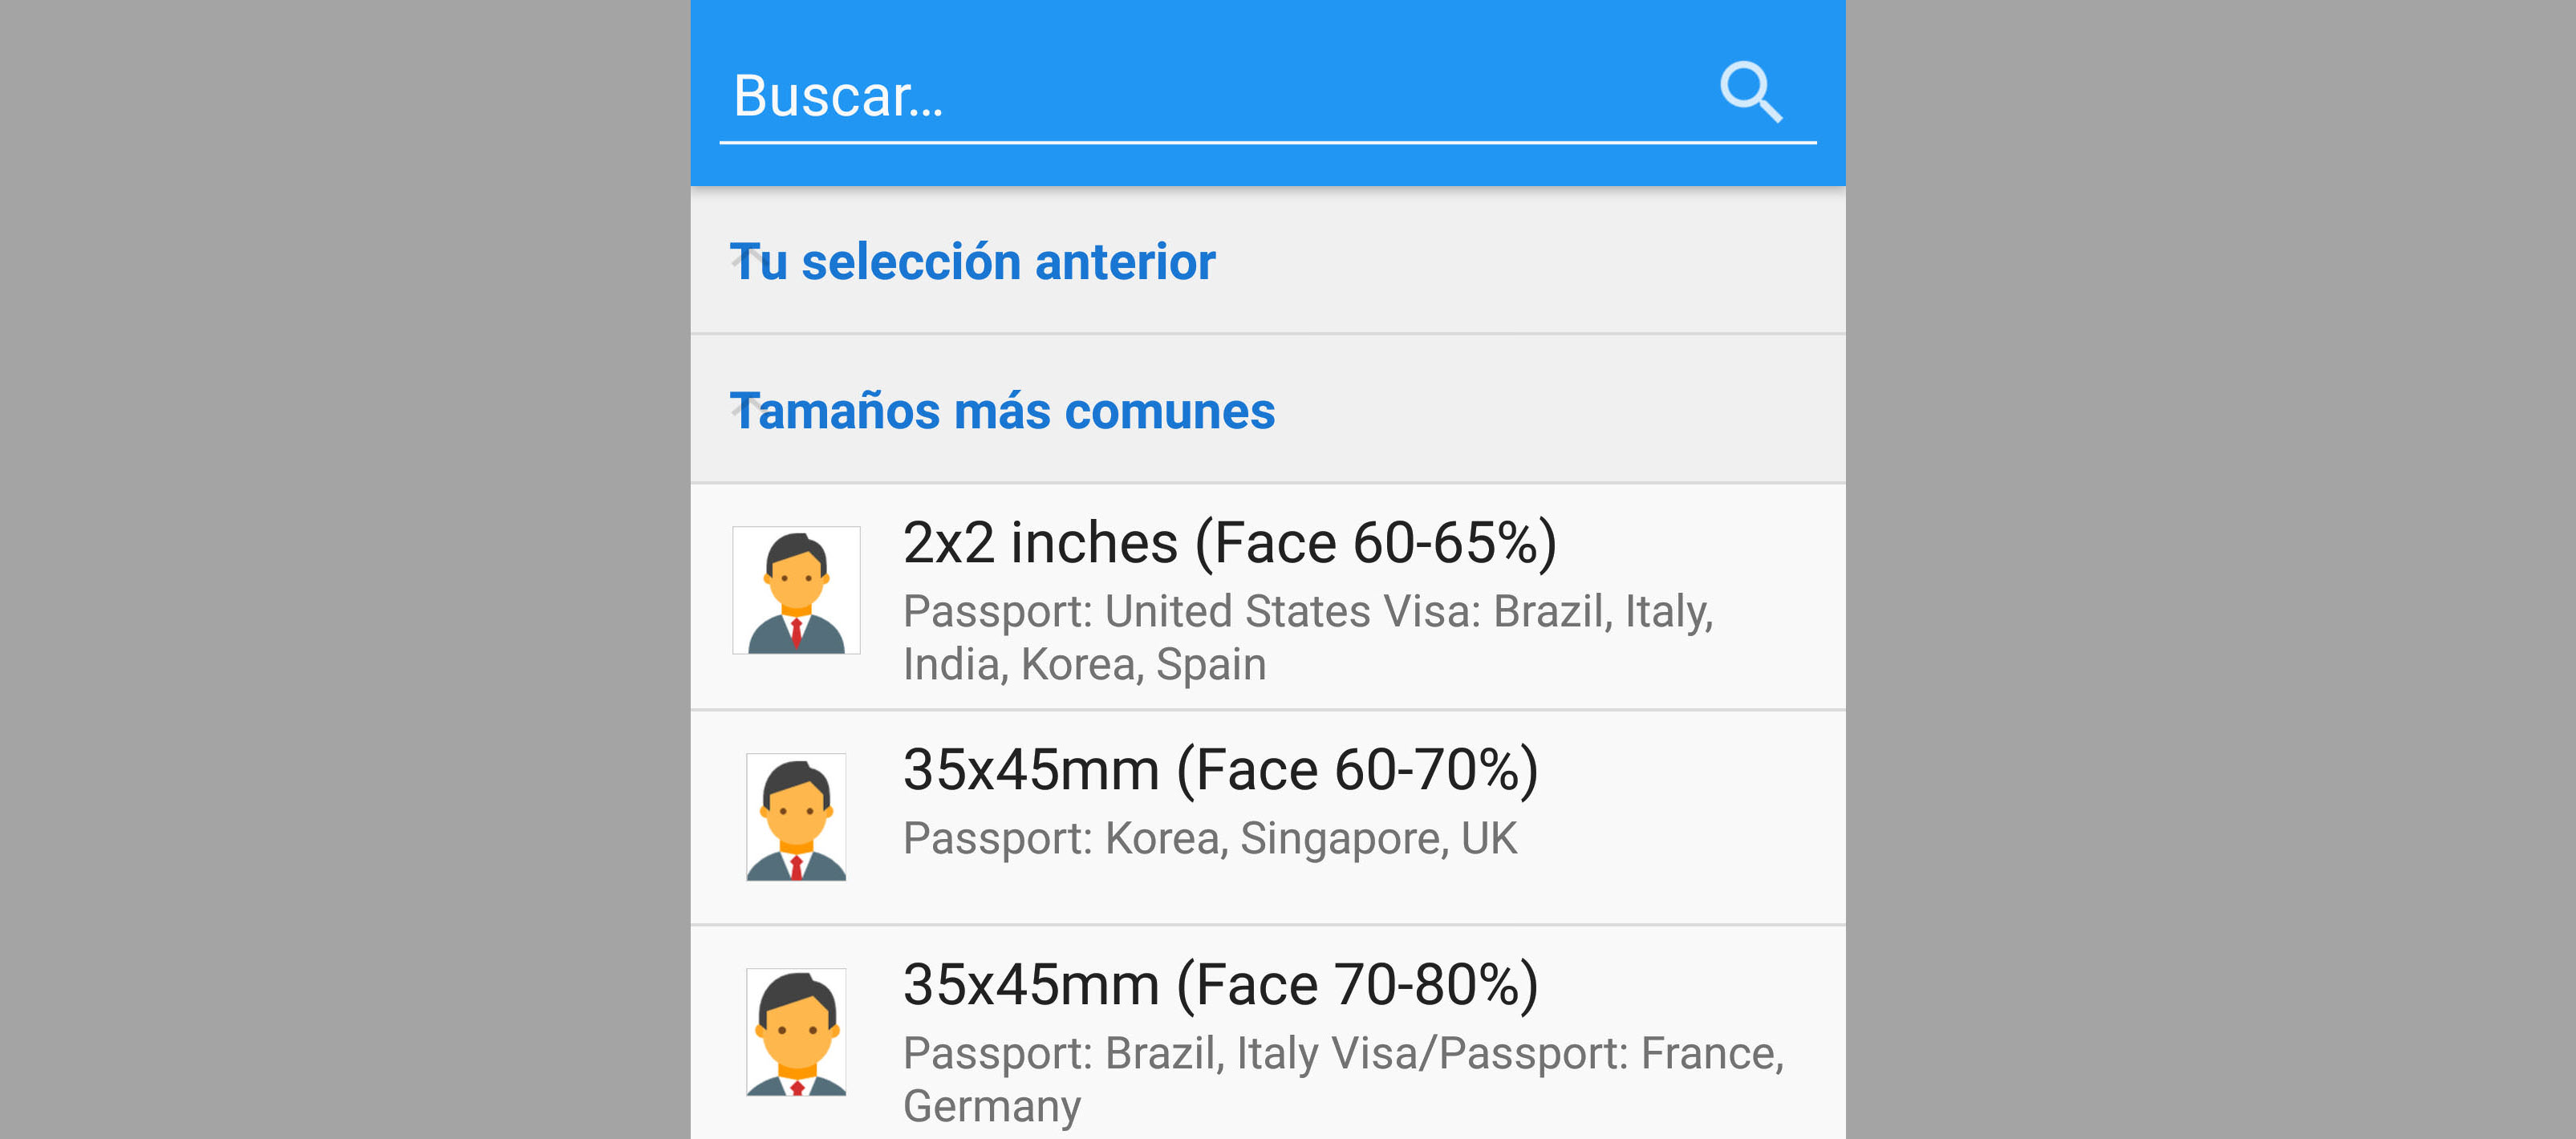 Cómo hacer fotos tamaño pasaporte: Medidas, APPS y herramientas online